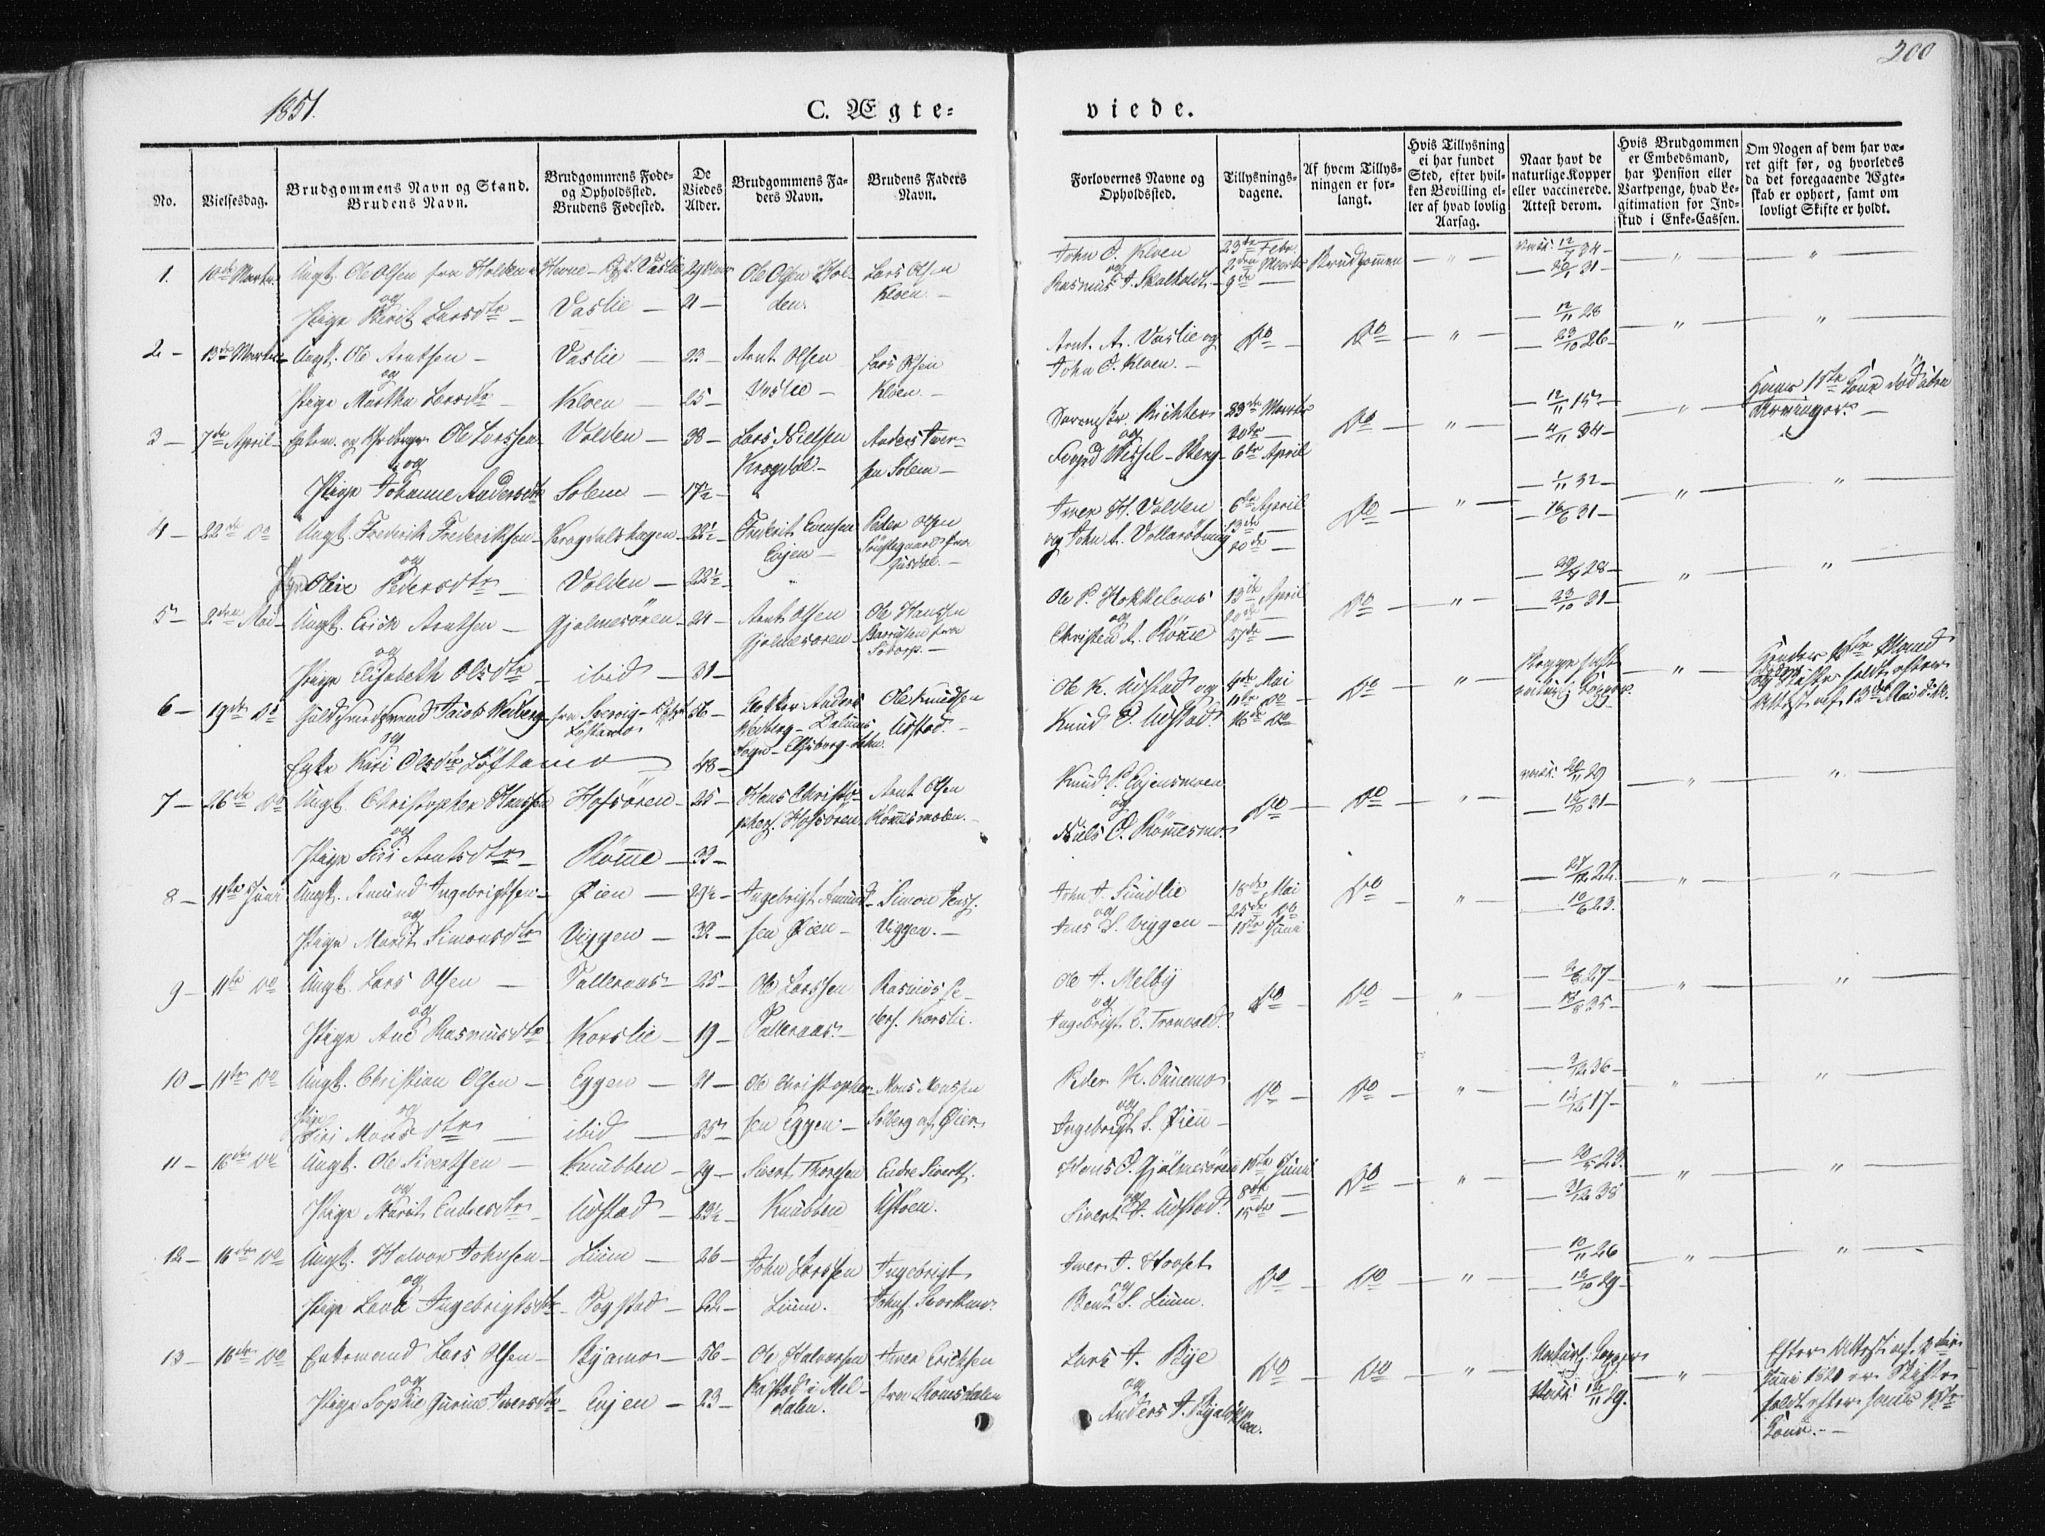 SAT, Ministerialprotokoller, klokkerbøker og fødselsregistre - Sør-Trøndelag, 668/L0805: Ministerialbok nr. 668A05, 1840-1853, s. 200